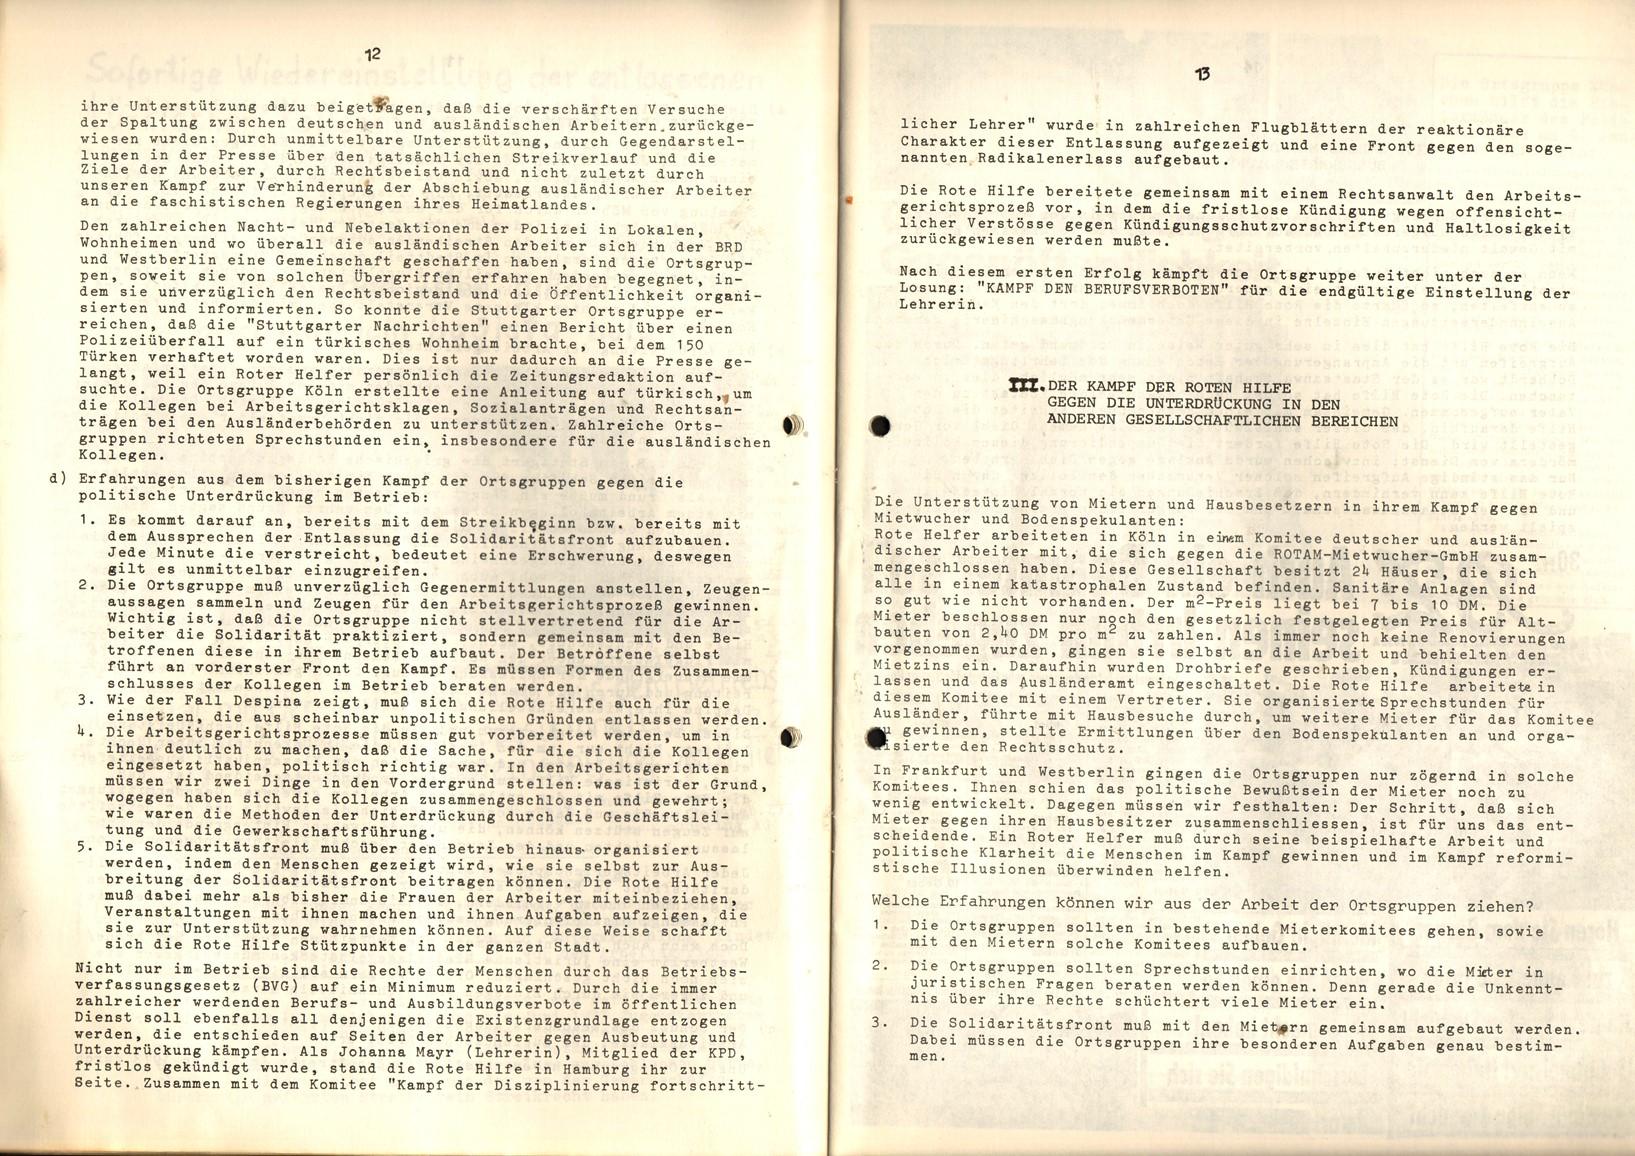 Dortmund_RHev_1974_Rechenschaftsbericht_08